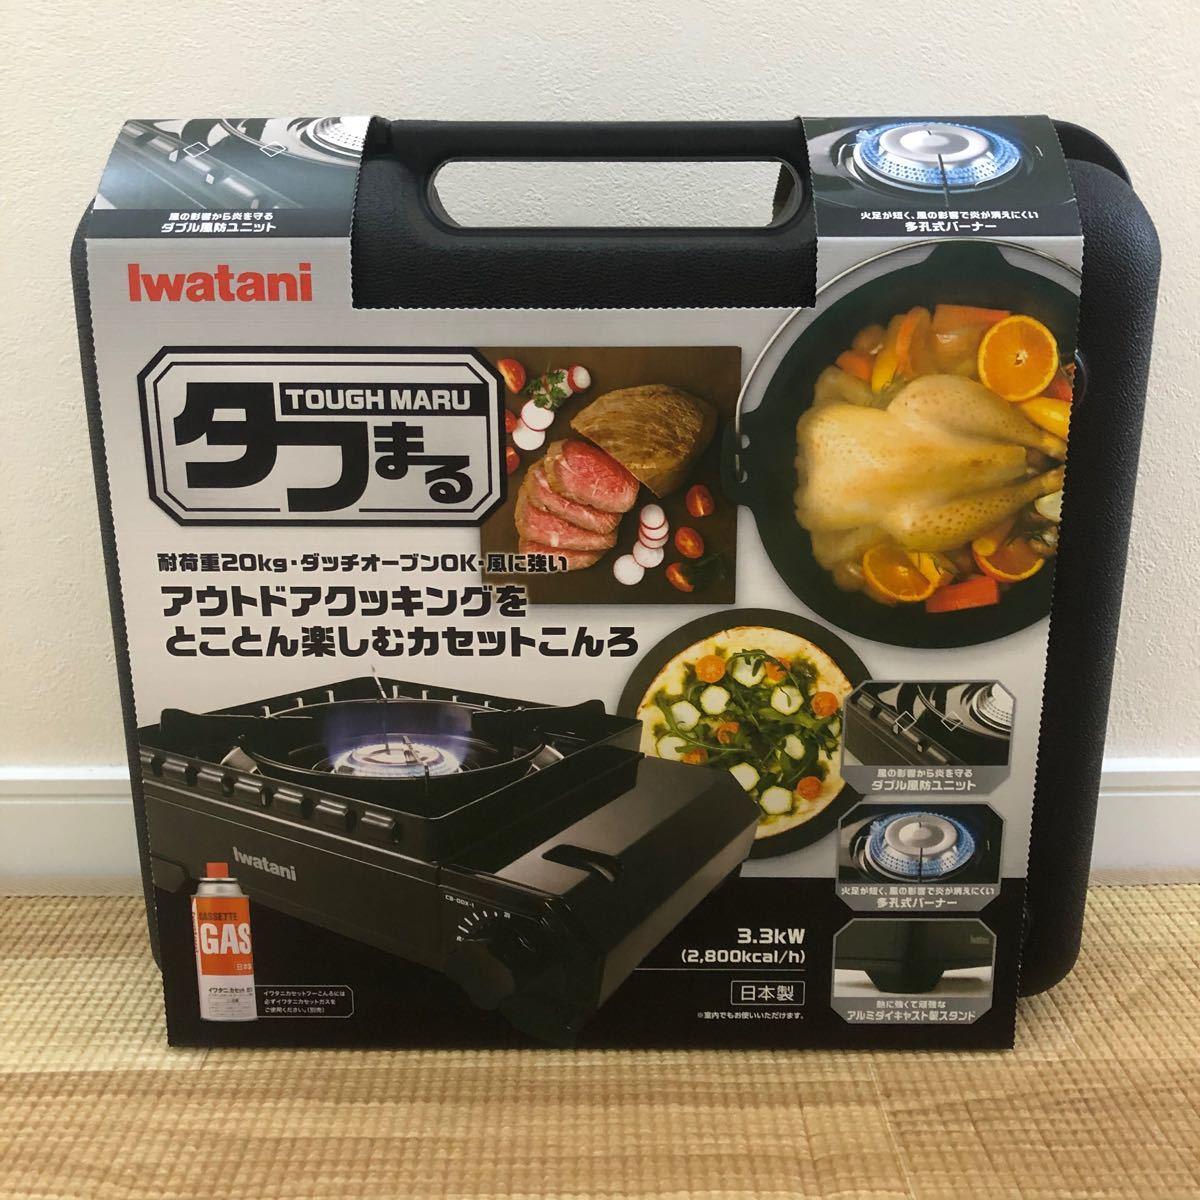 イワタニ カセットコンロ タフまる CB-ODX-1 新品未使用